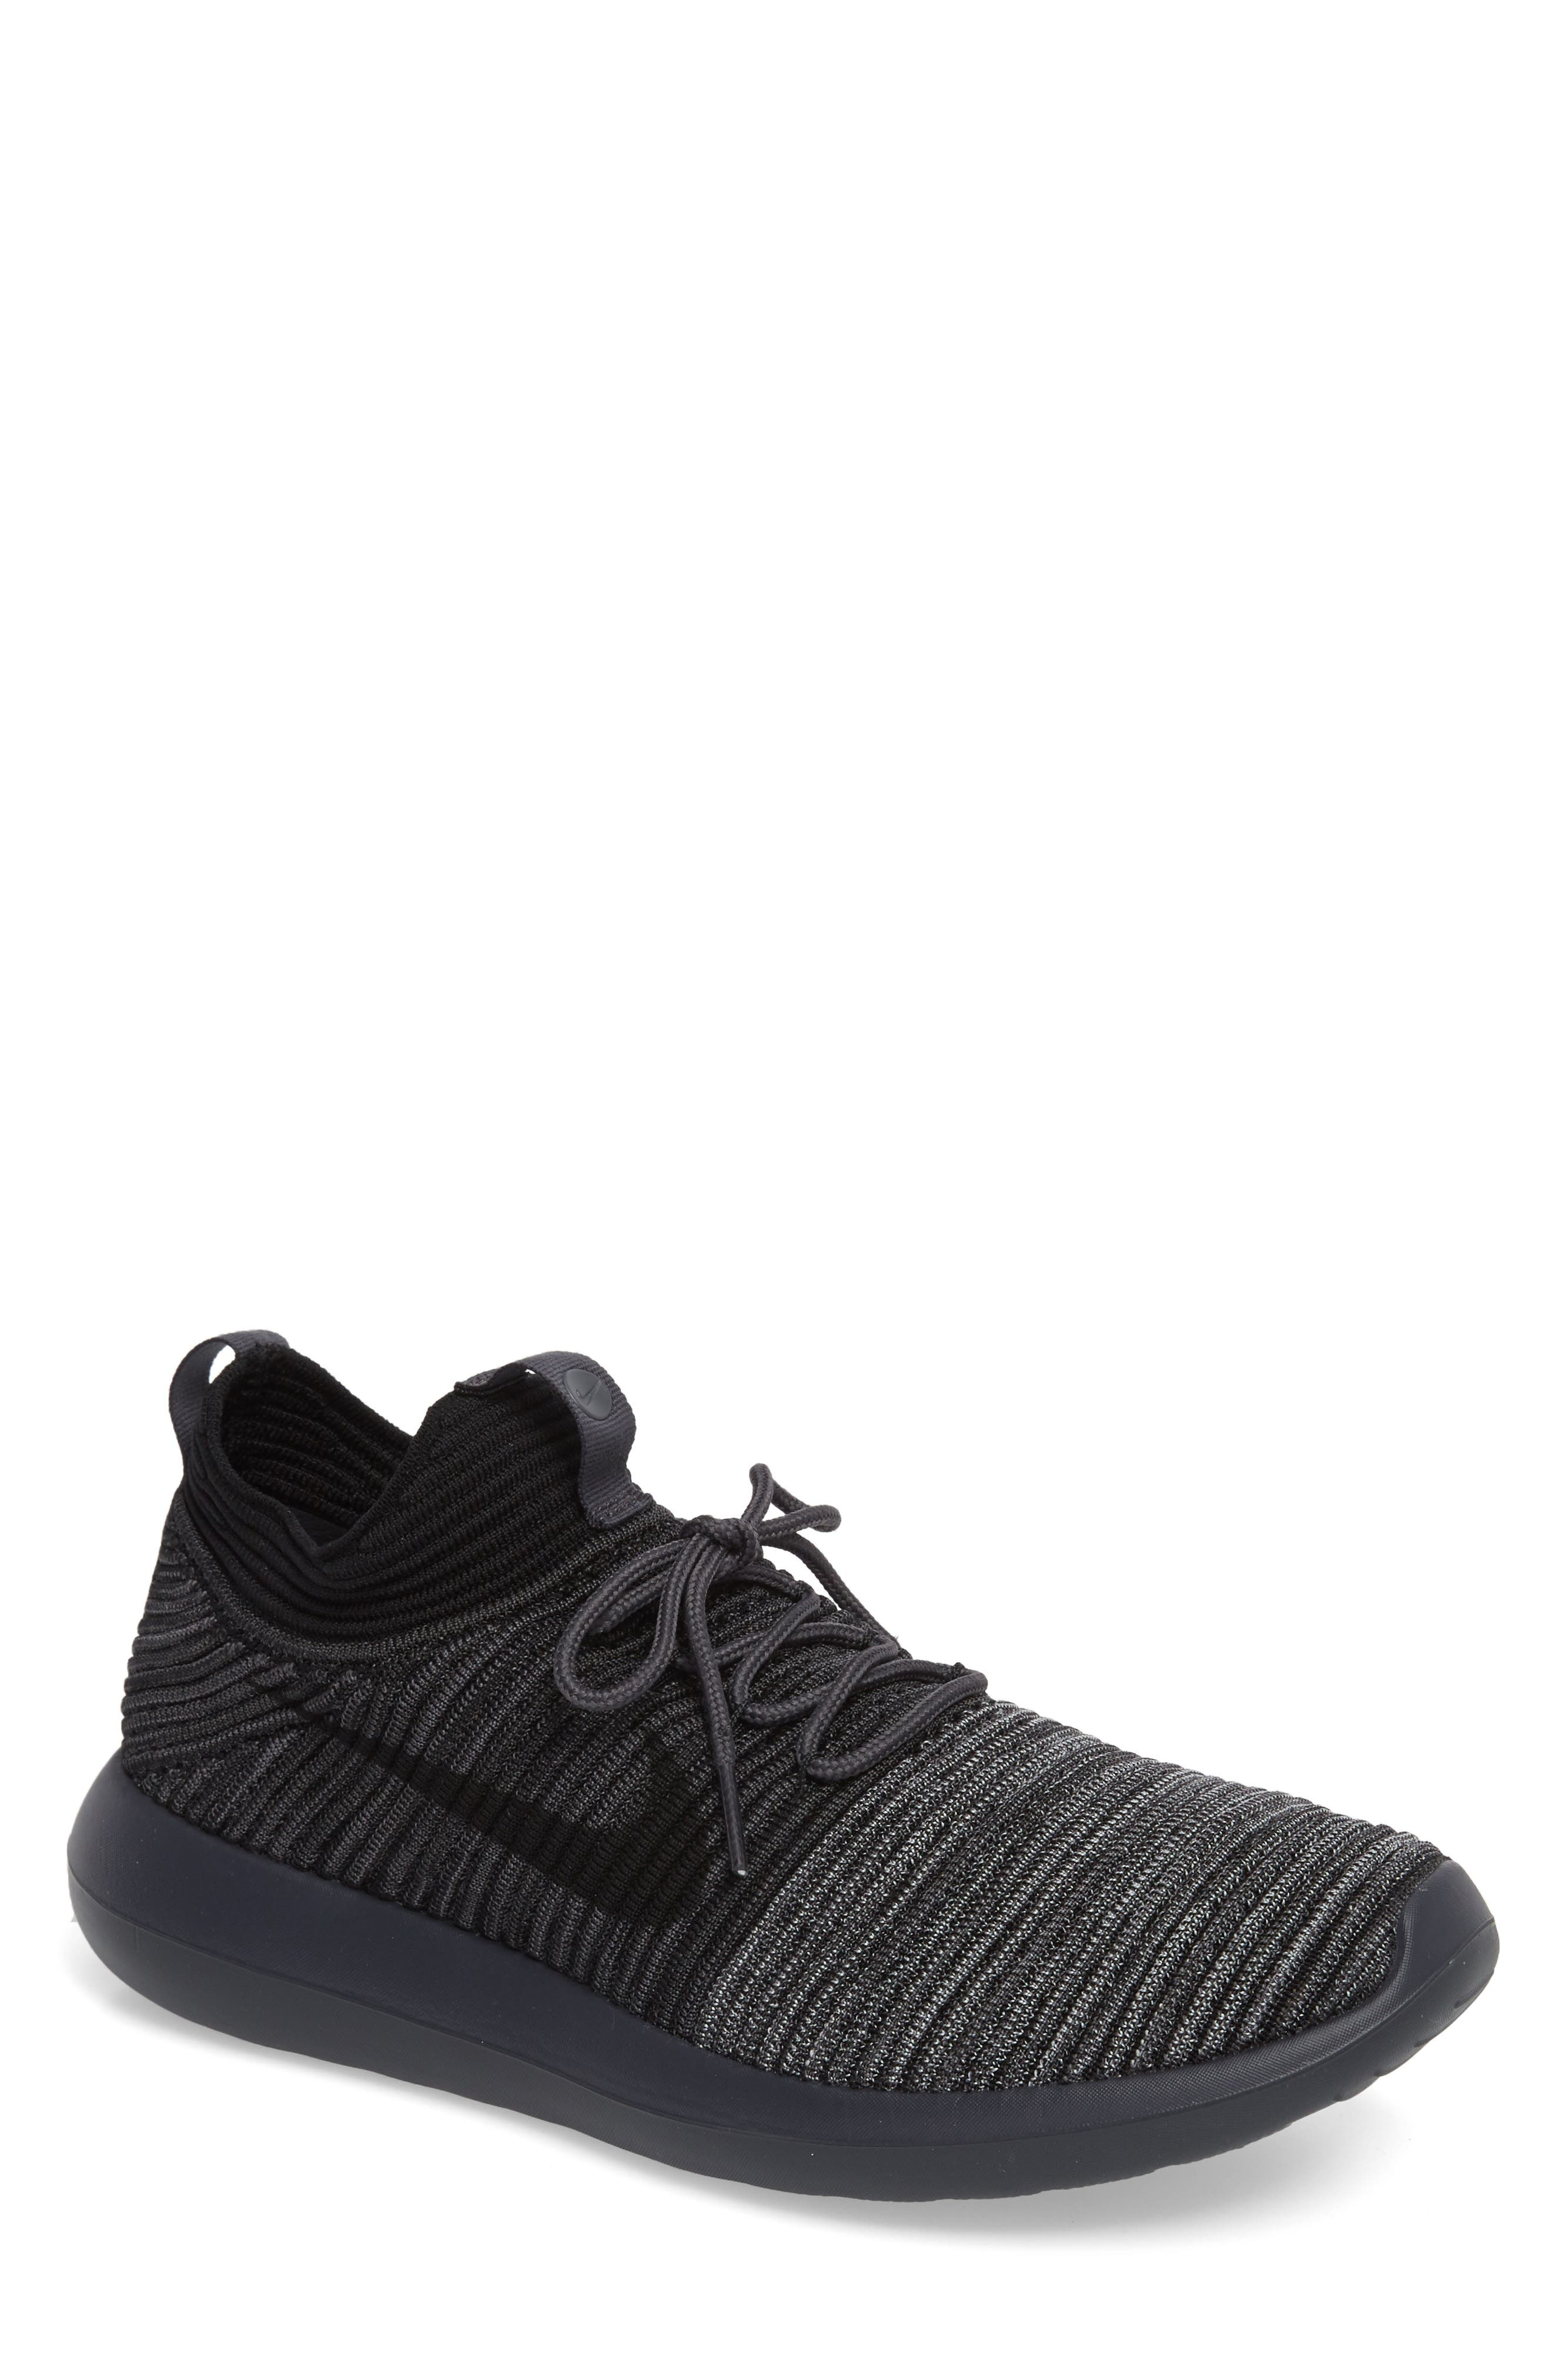 Roshe Two Flyknit V2 Sneaker,                         Main,                         color, 004